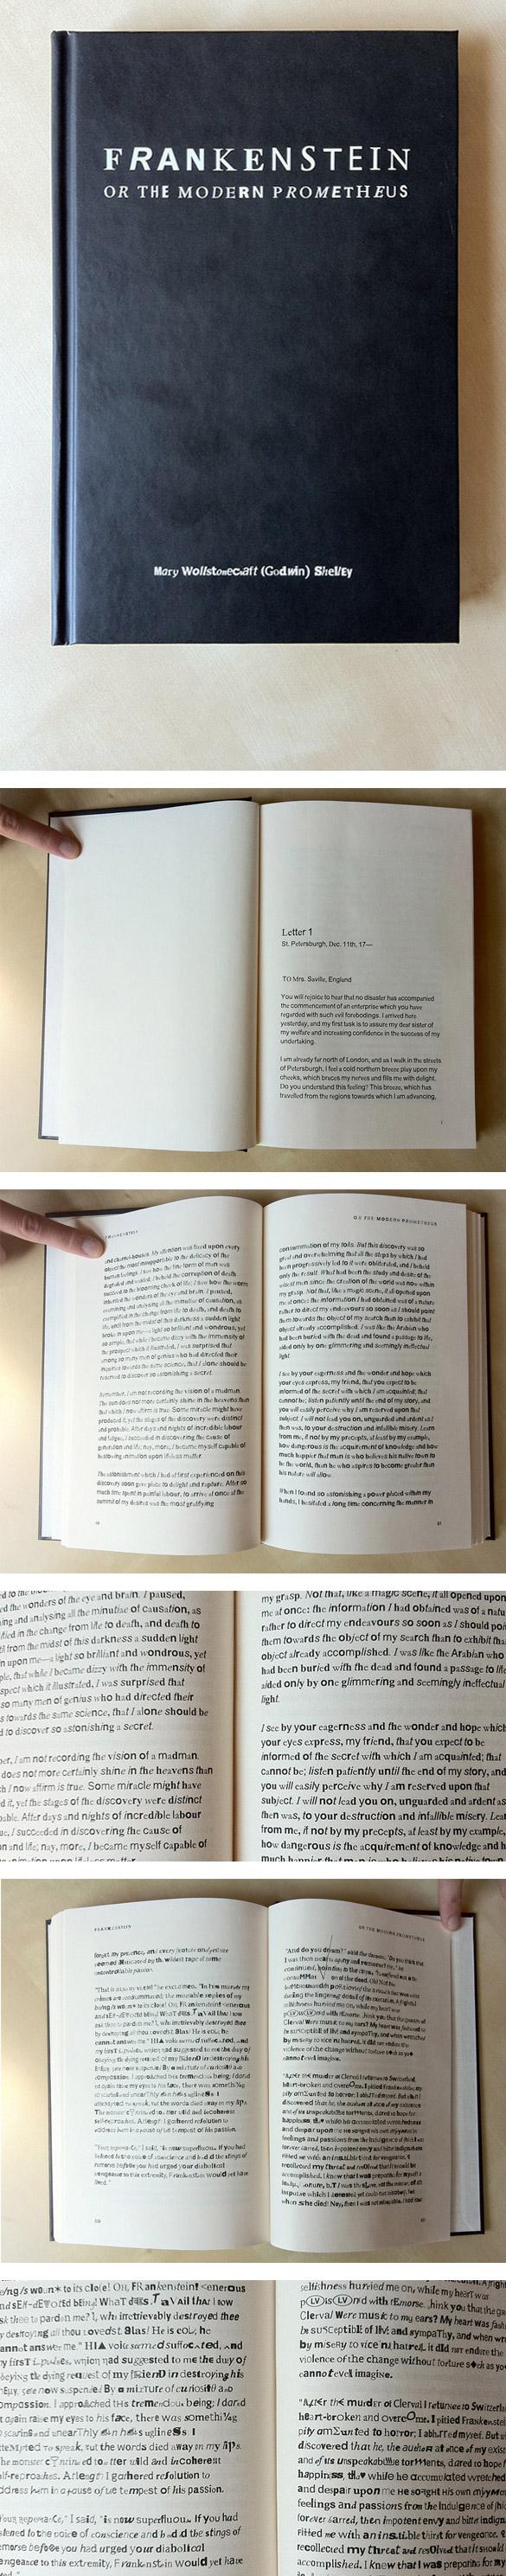 frank Que faire avec 64076 55382 polices ? Un livre sur Frankenstein bien sûr !